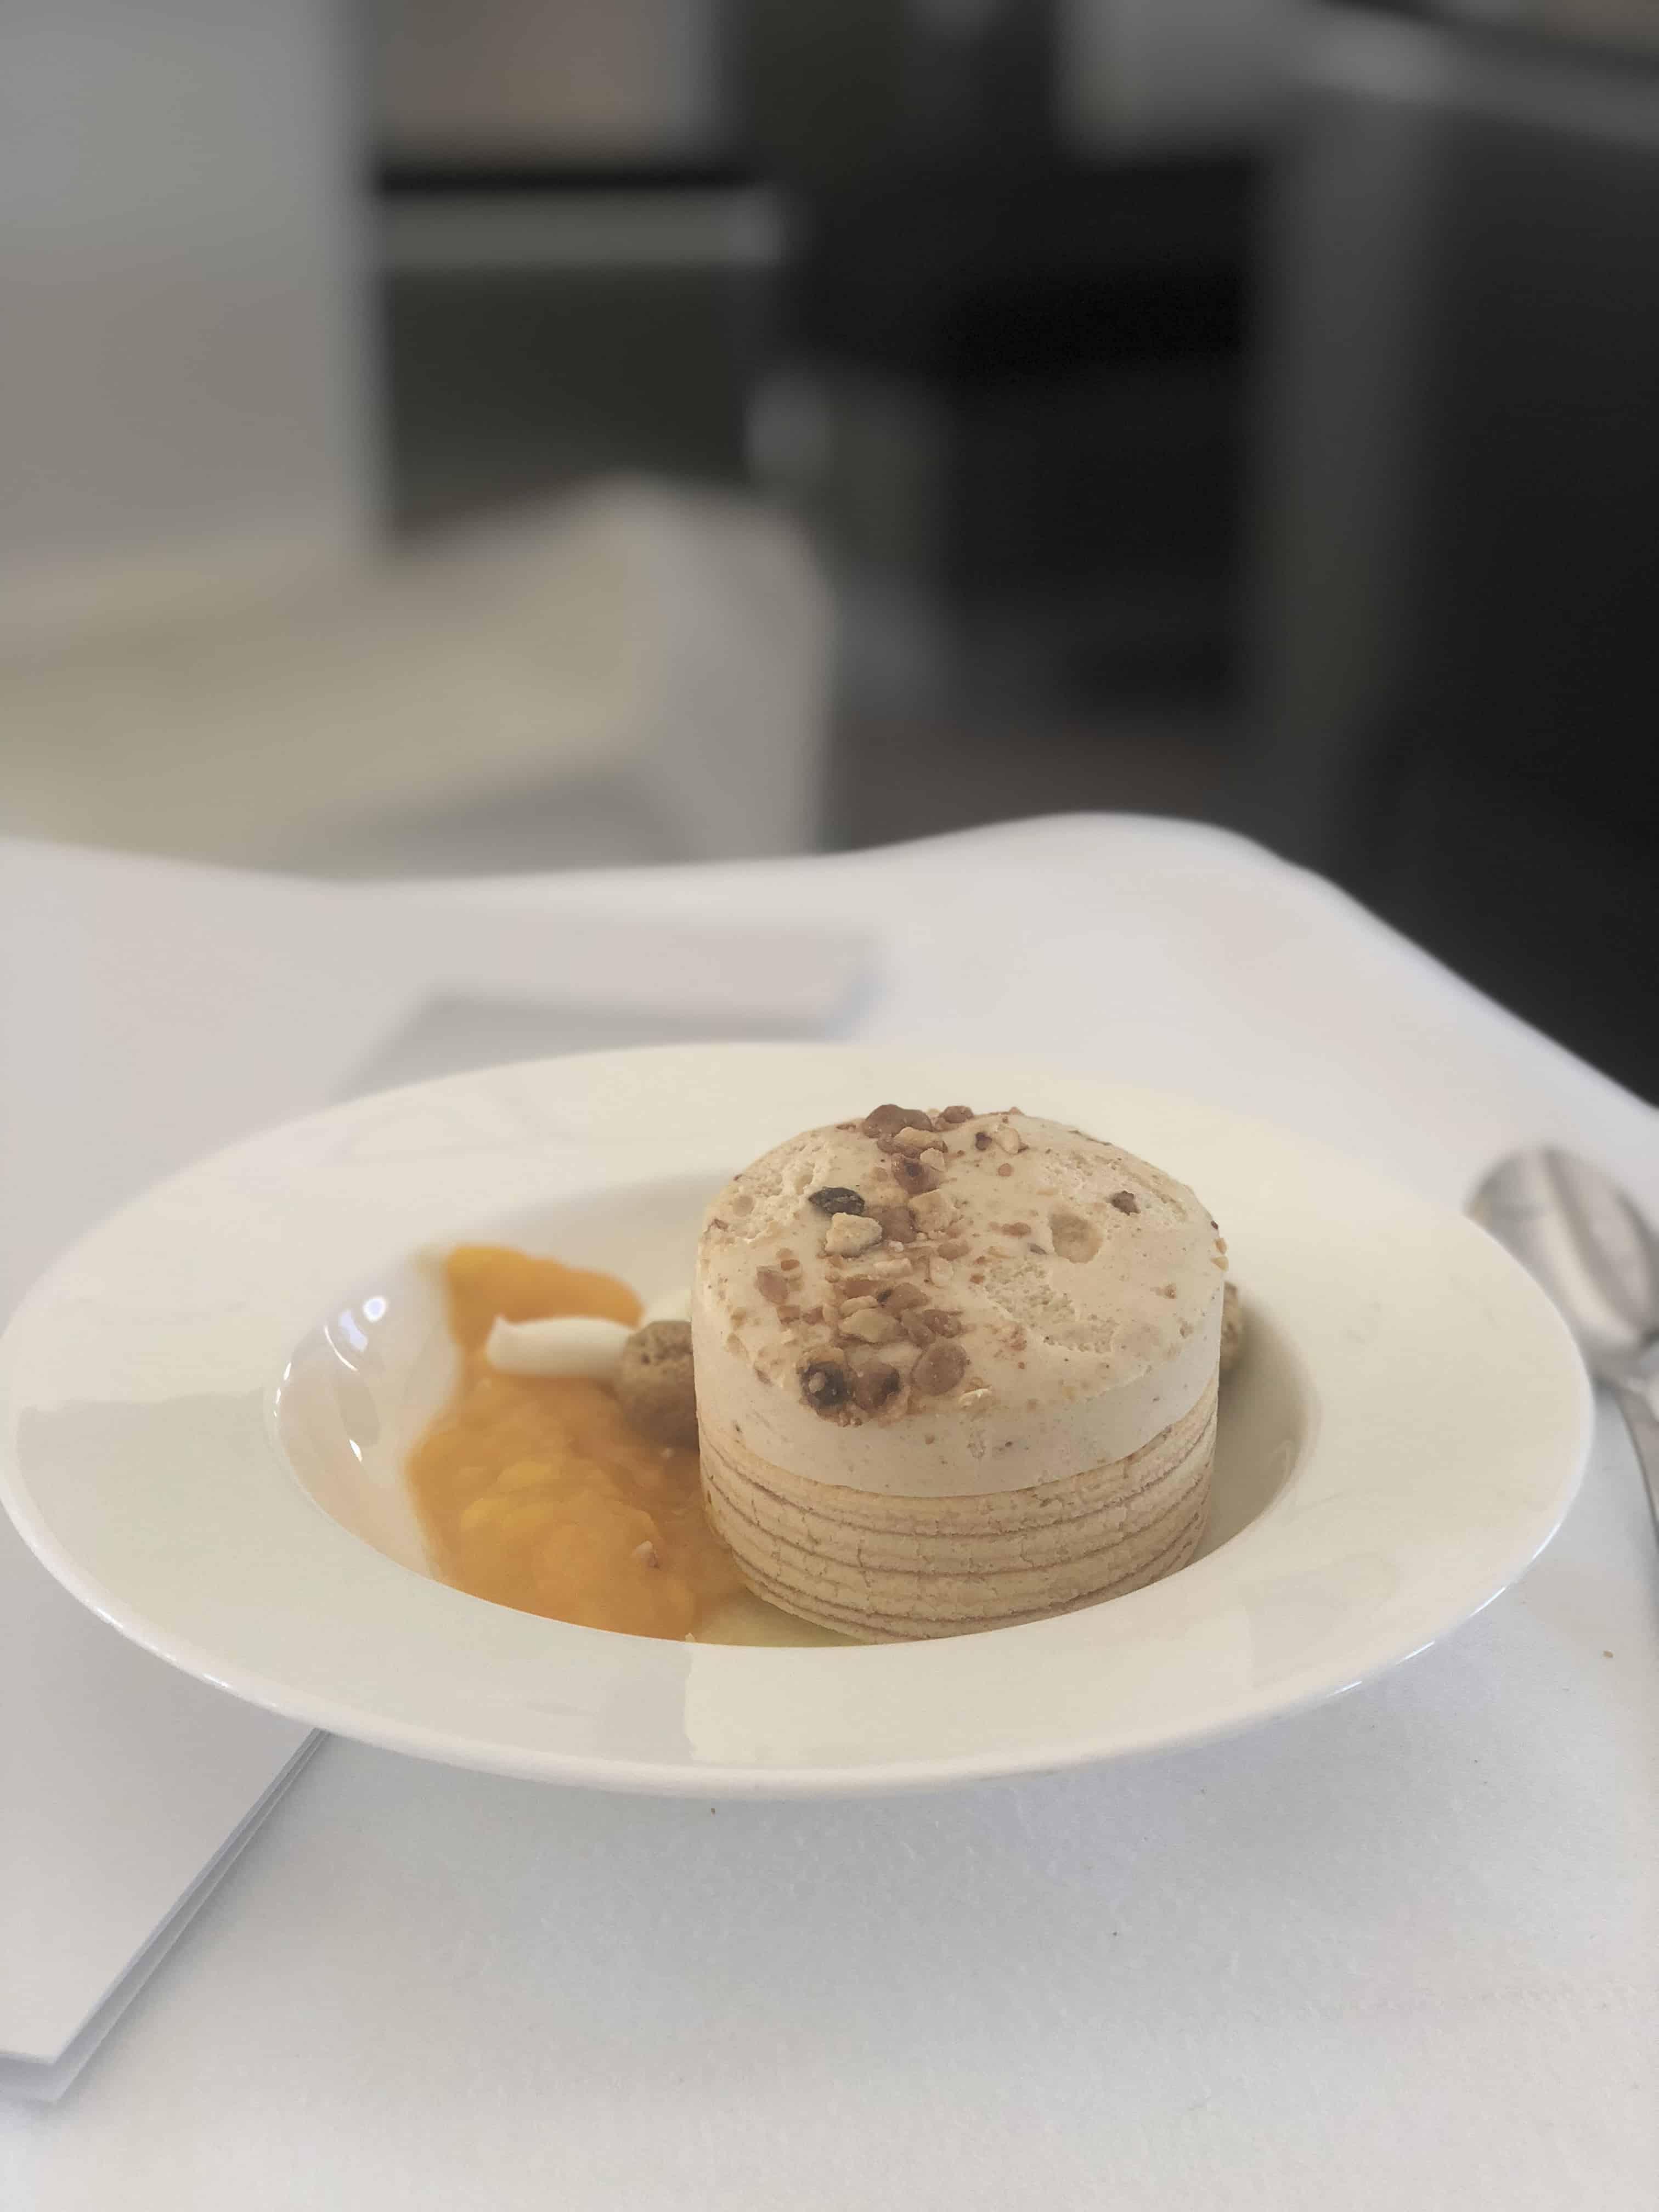 Lufthansa First Class Essen Dessert